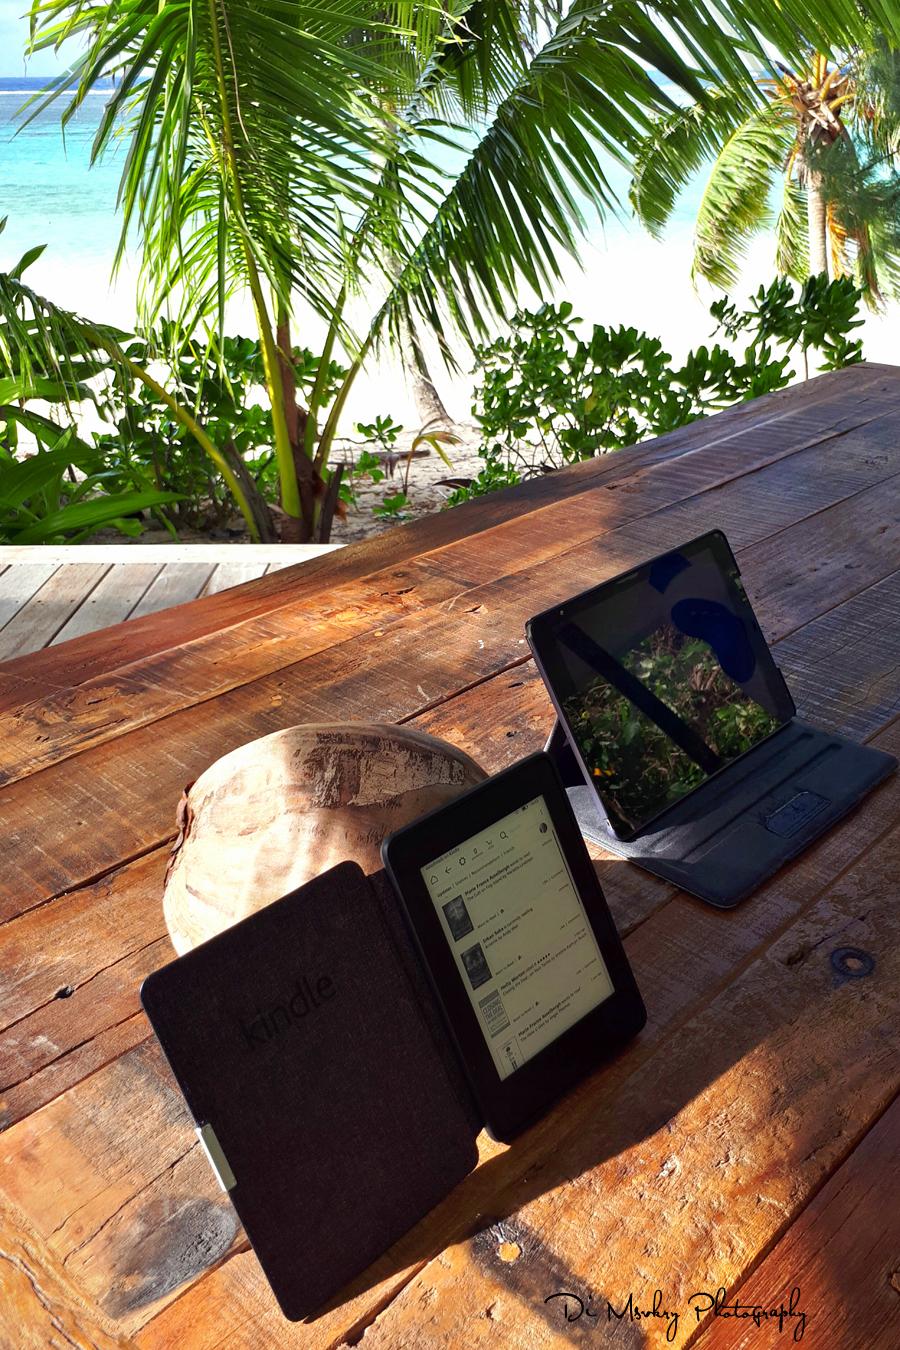 coconut kindle stand, rarotonga.jpg